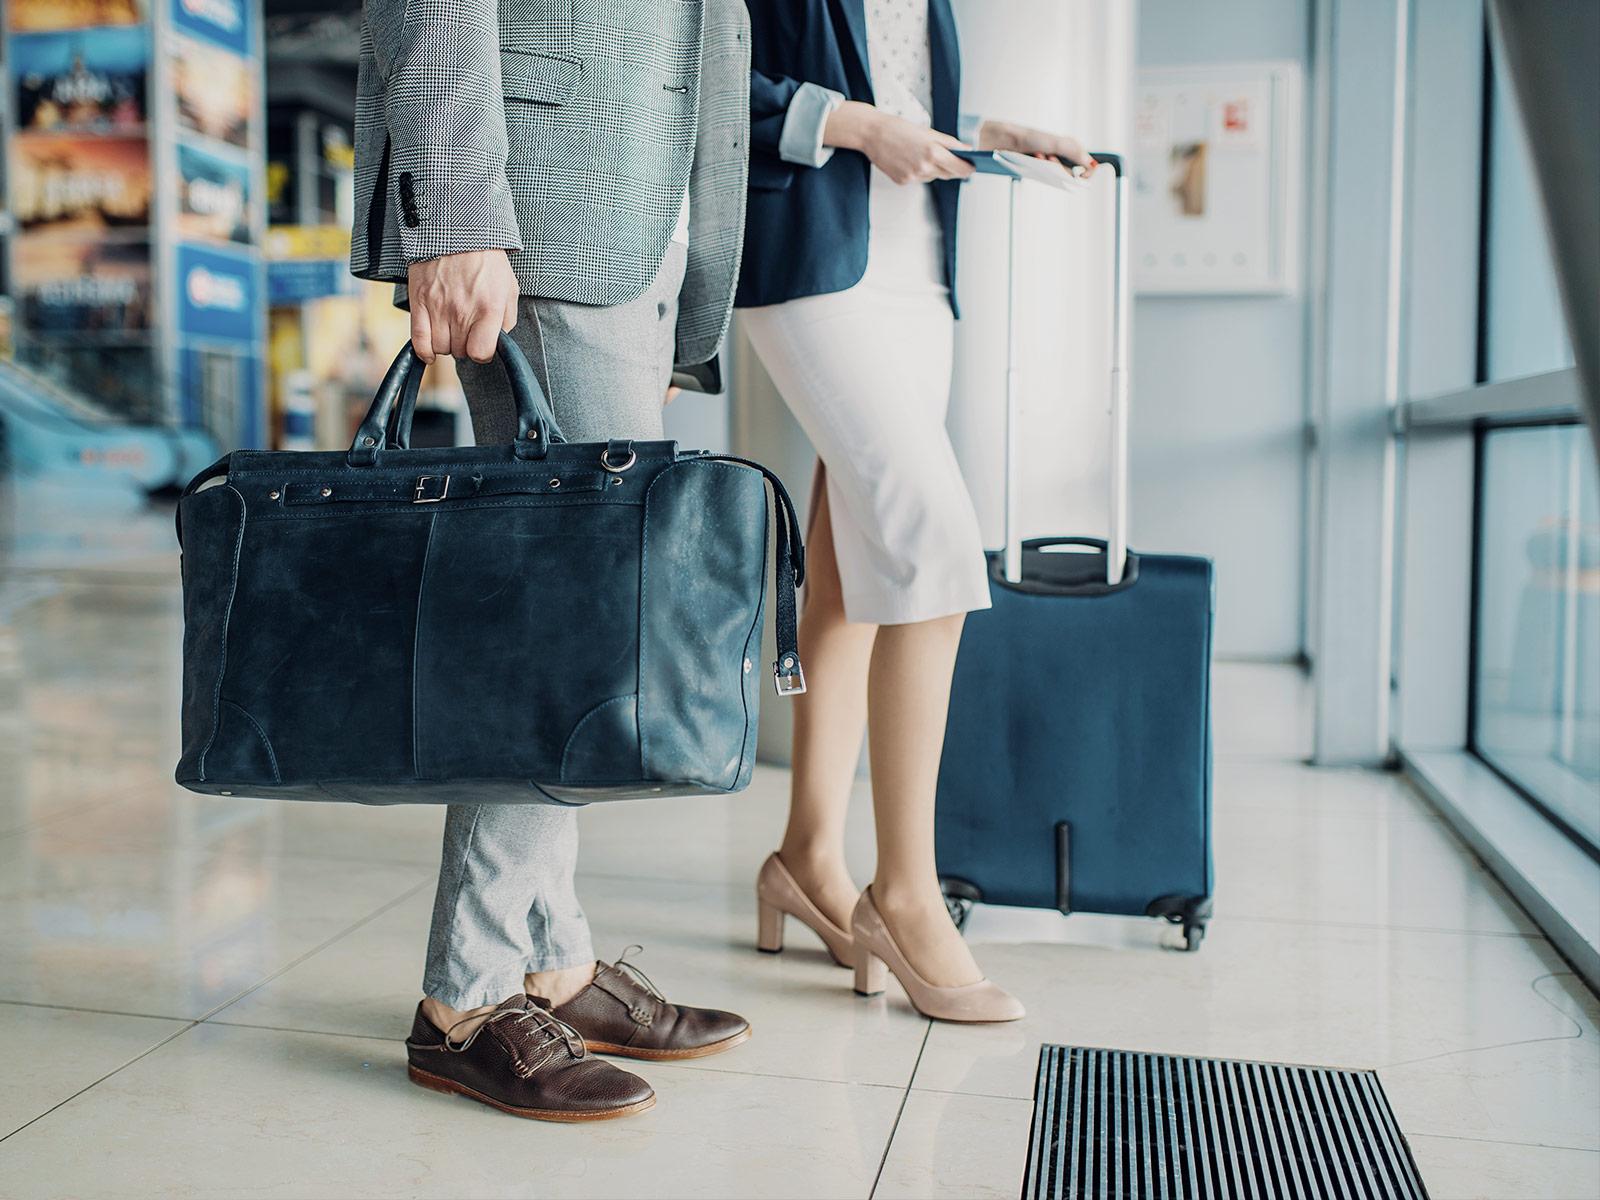 La migliore abitudine per viaggiare con gambe riposate